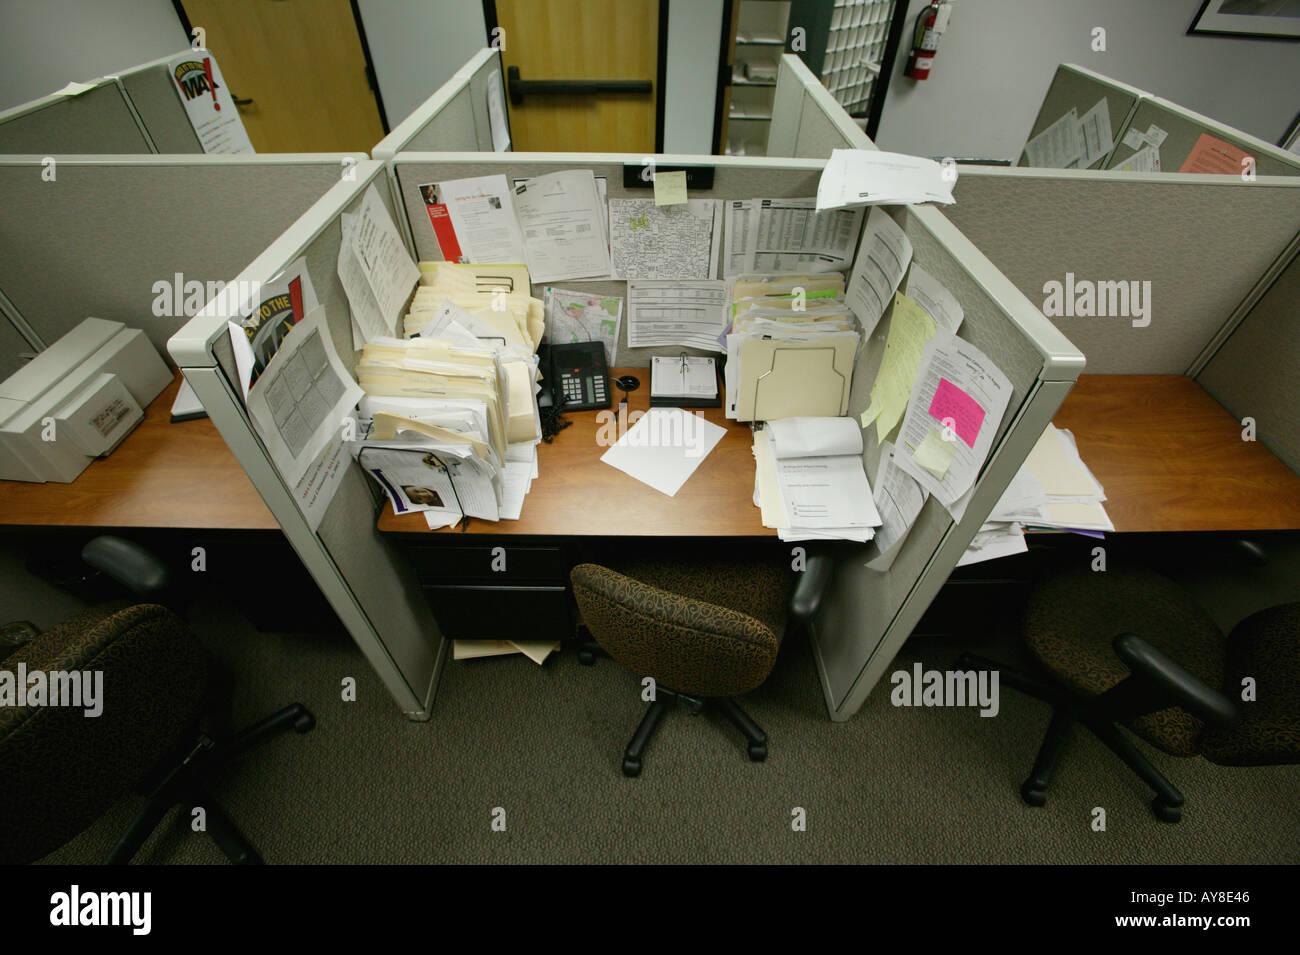 Armadio disordinato in highrise edificio per uffici Immagini Stock